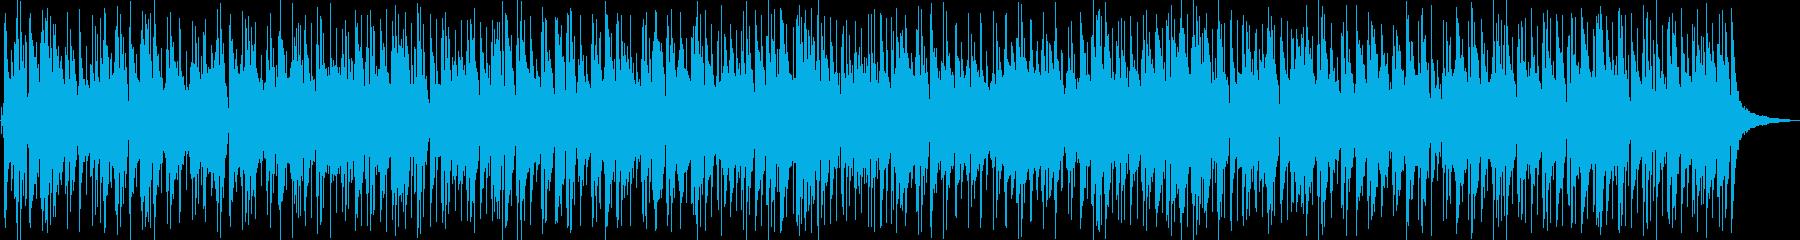 爽やかな風にゆれるマーガレットのイメージの再生済みの波形